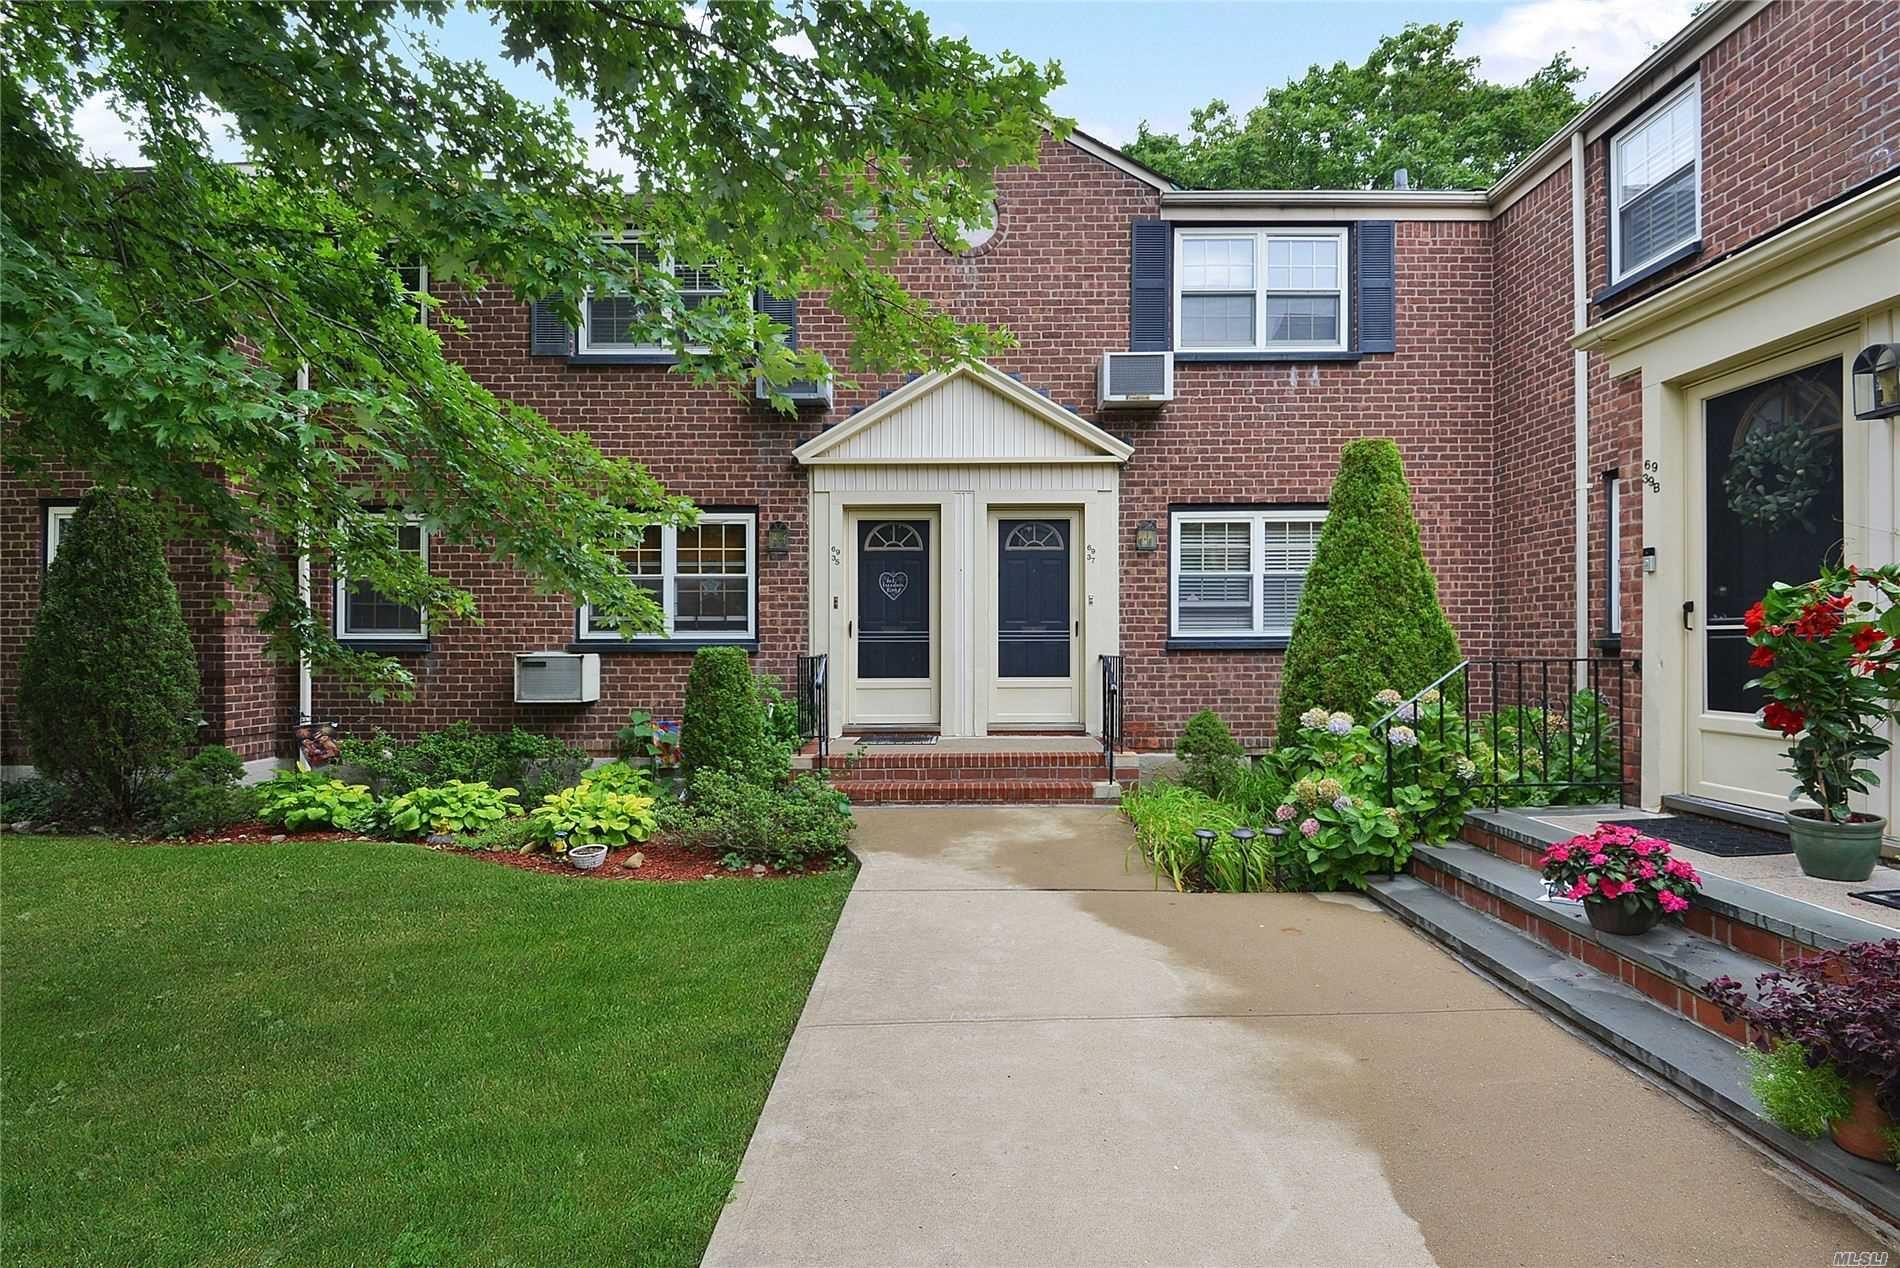 69-35 210 Street #Upper, Bayside, NY 11364 - MLS#: 3240470